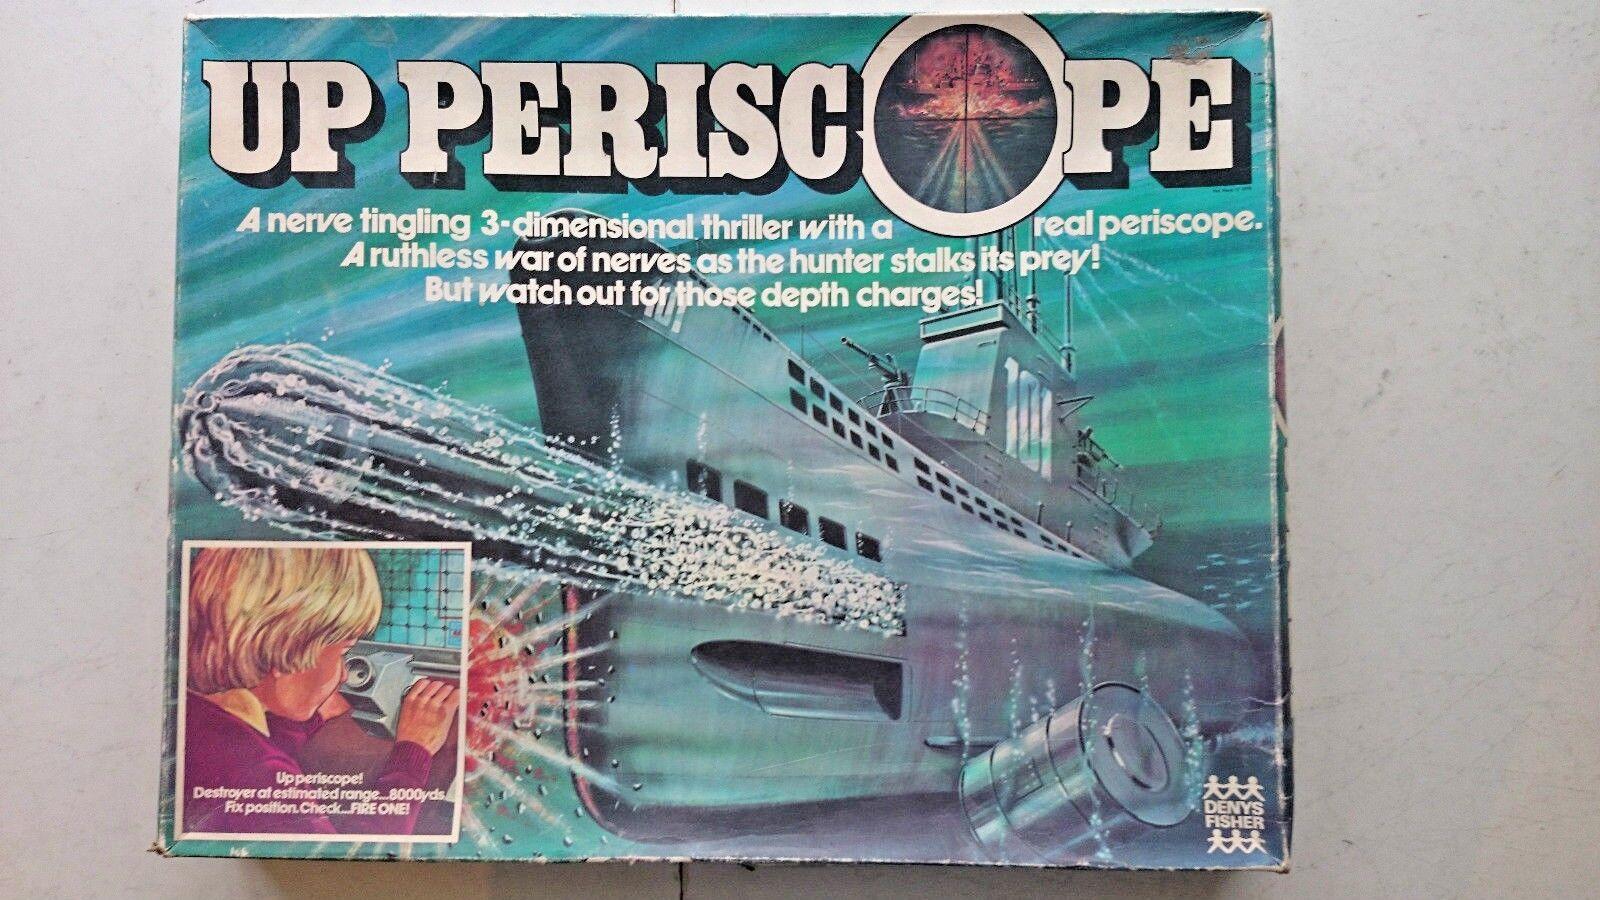 GIOCO vintage fino periscopio da Denys Fisher 1970 S